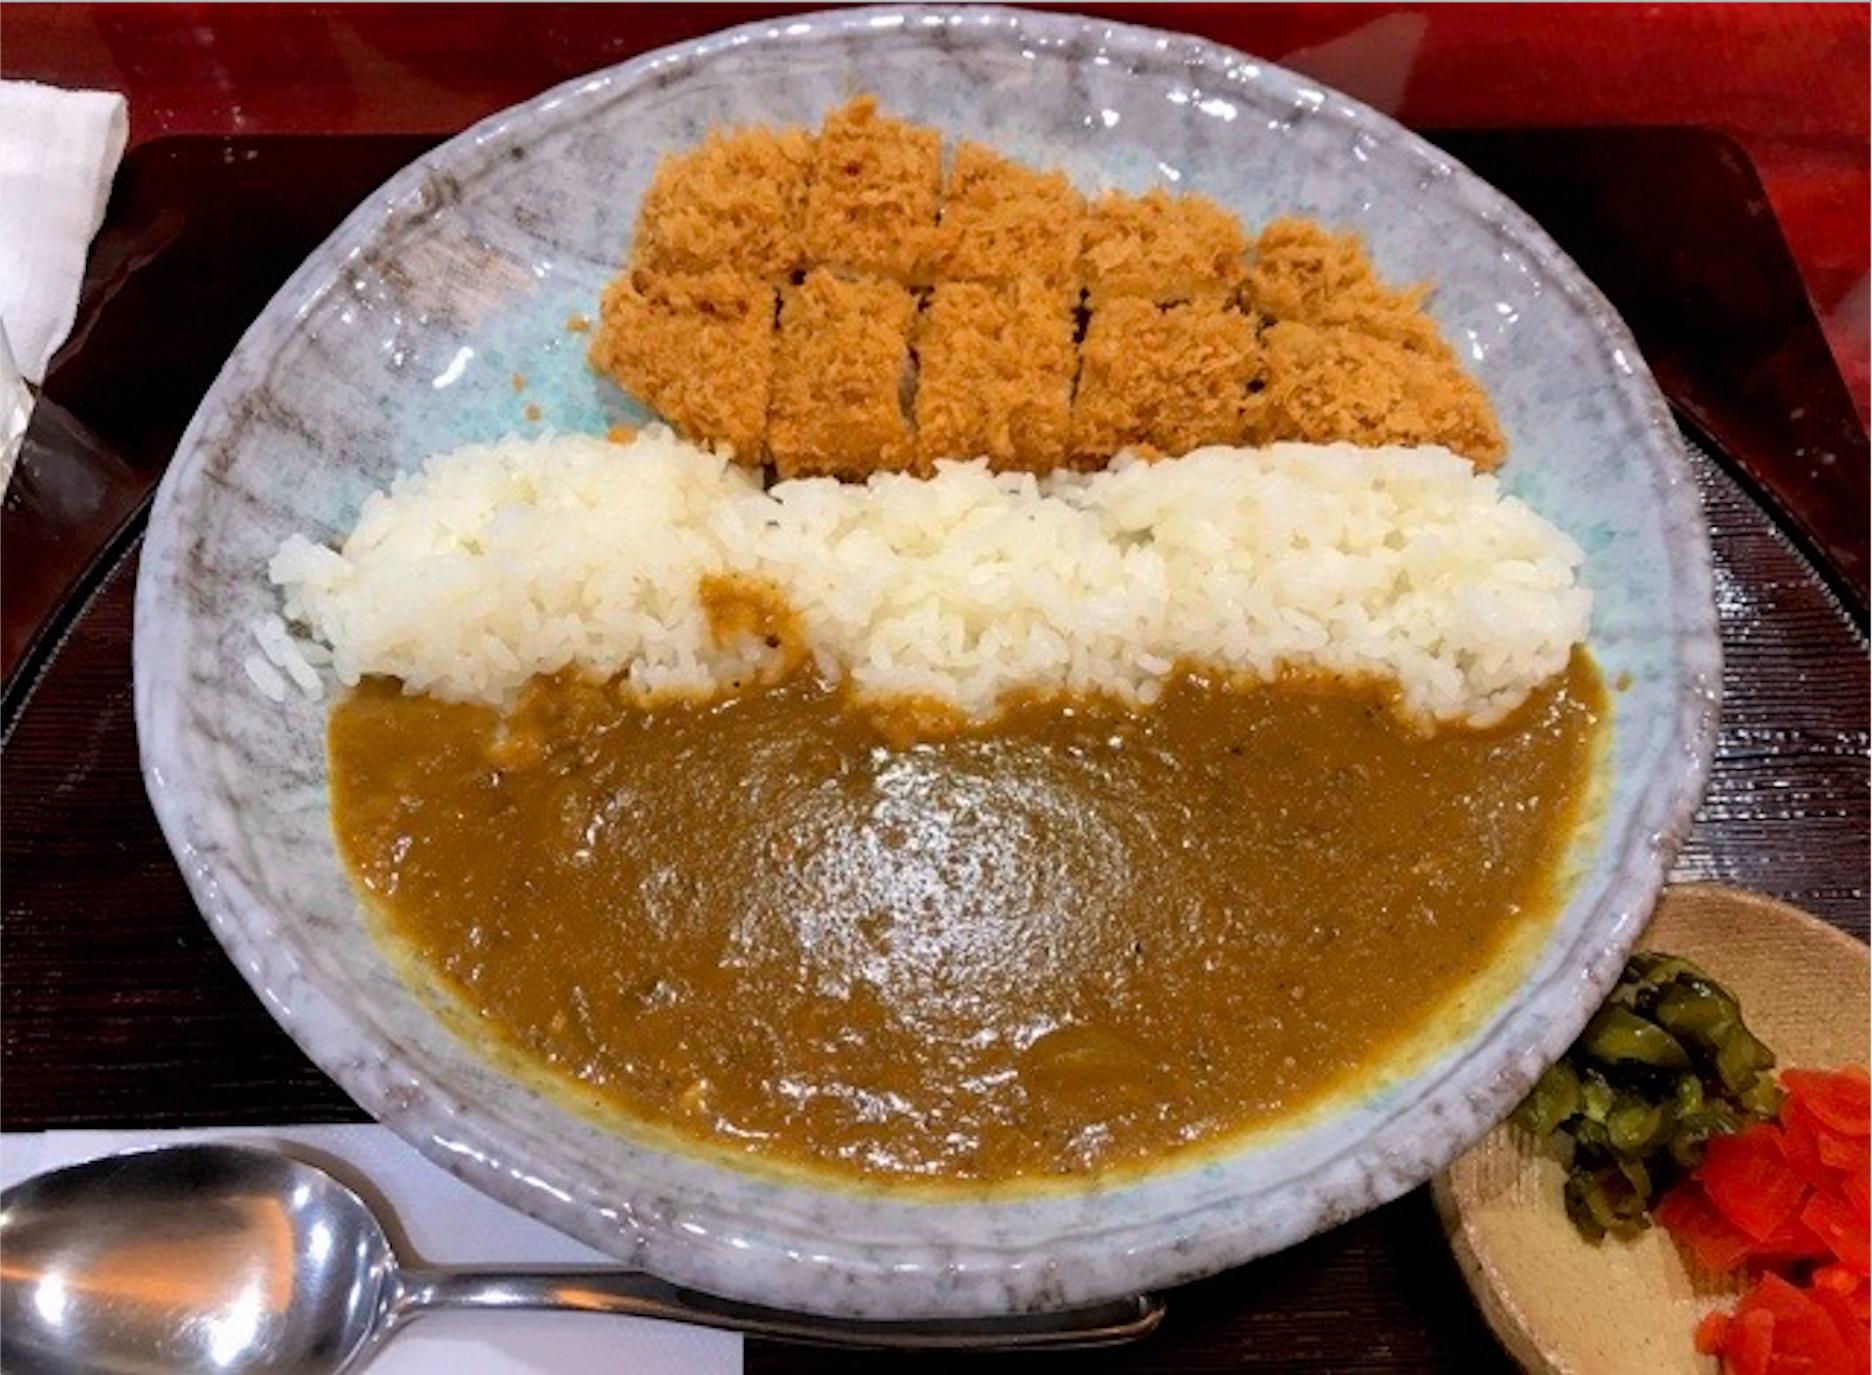 蒲田西口 とん清 カツカレー 食べてみた